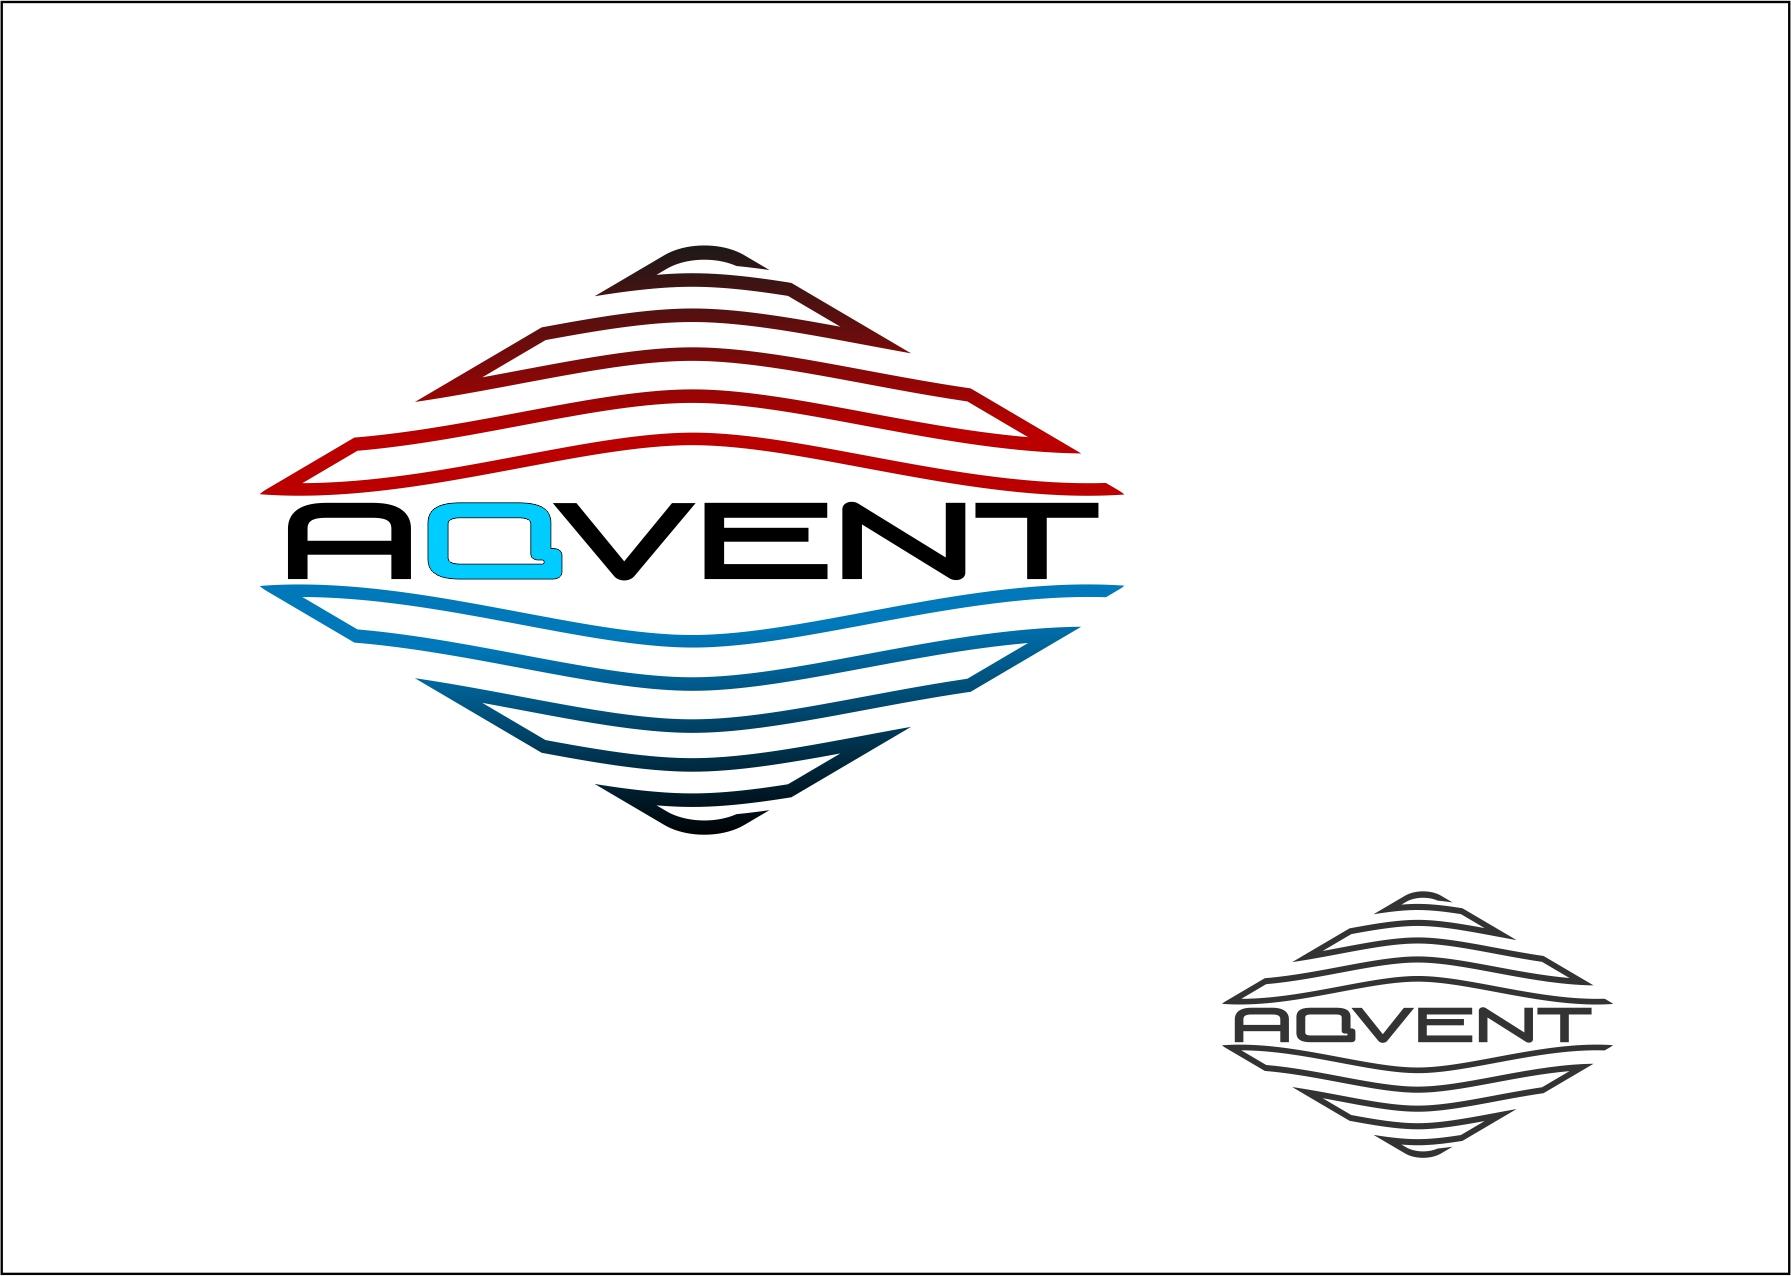 Логотип AQVENT фото f_680527d2ad355764.jpg